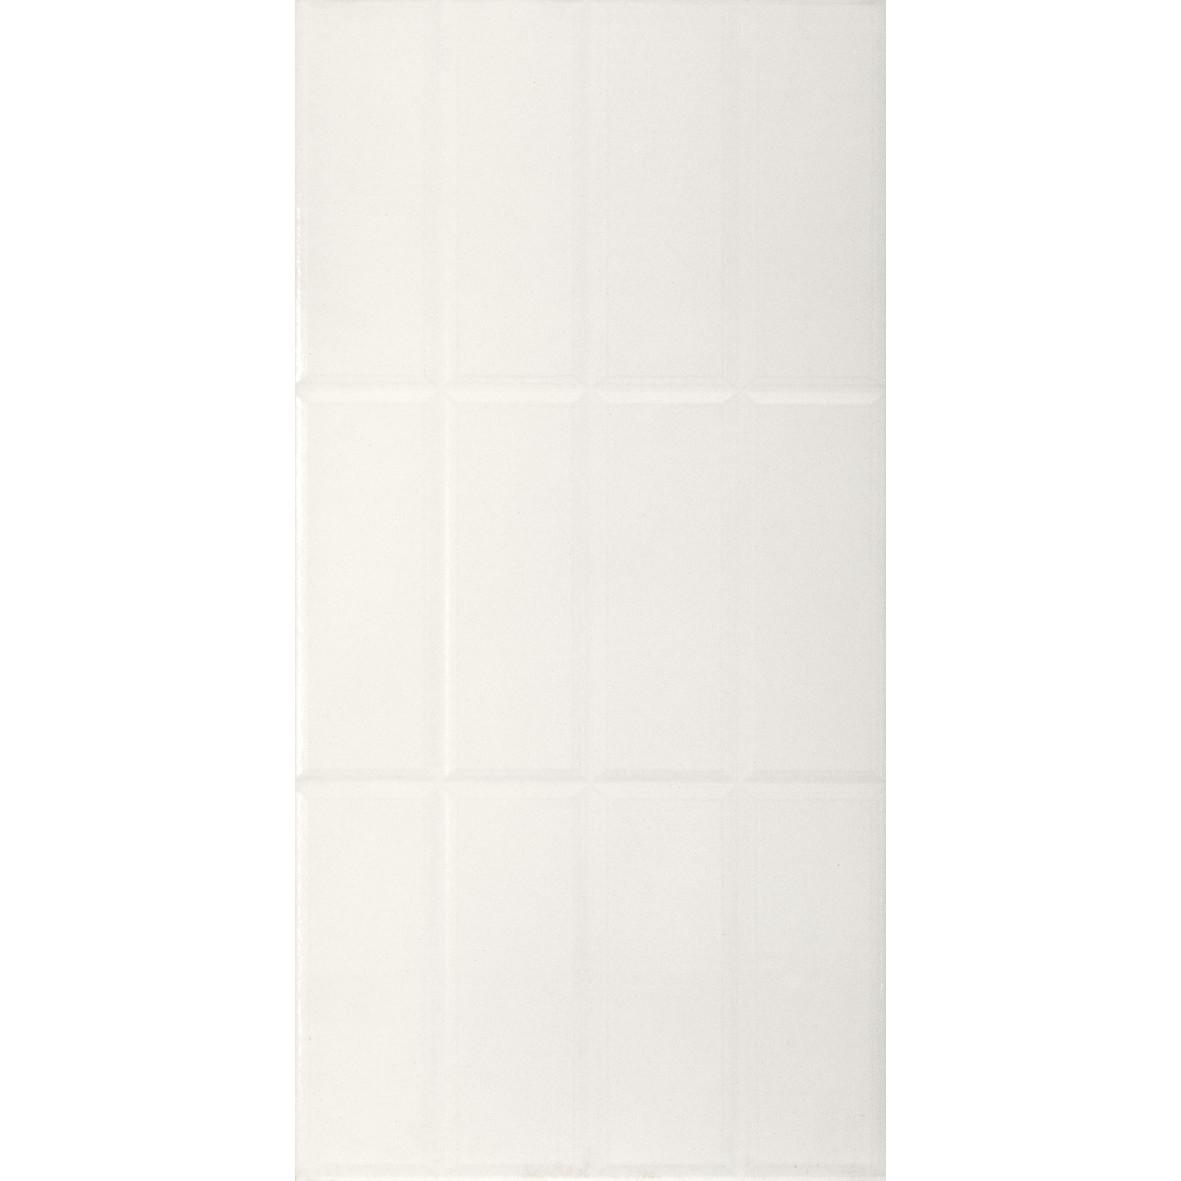 Ceramica Metro Brilhante HD Tipo A Retificado 30x60cm 228m Branco - Pointer